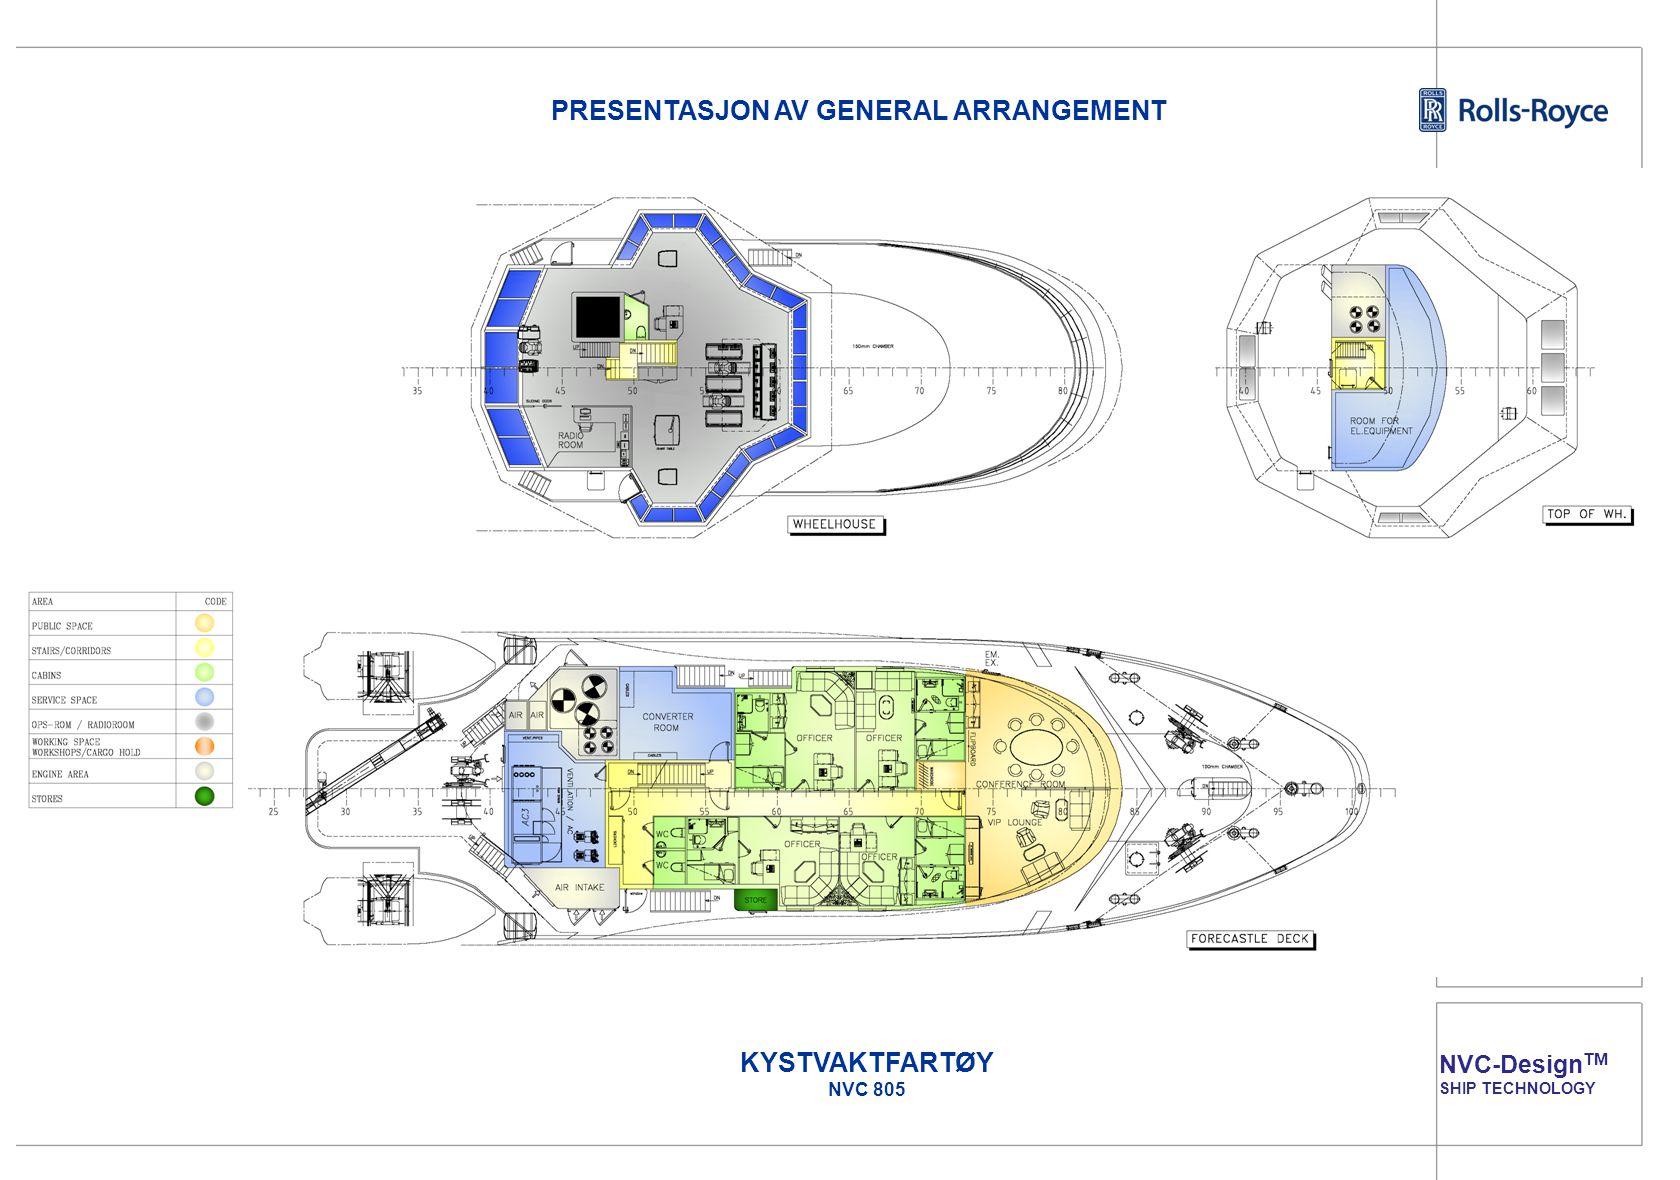 PRESENTASJON AV GENERAL ARRANGEMENT KYSTVAKTFARTØY NVC 805 NVC-Design TM SHIP TECHNOLOGY